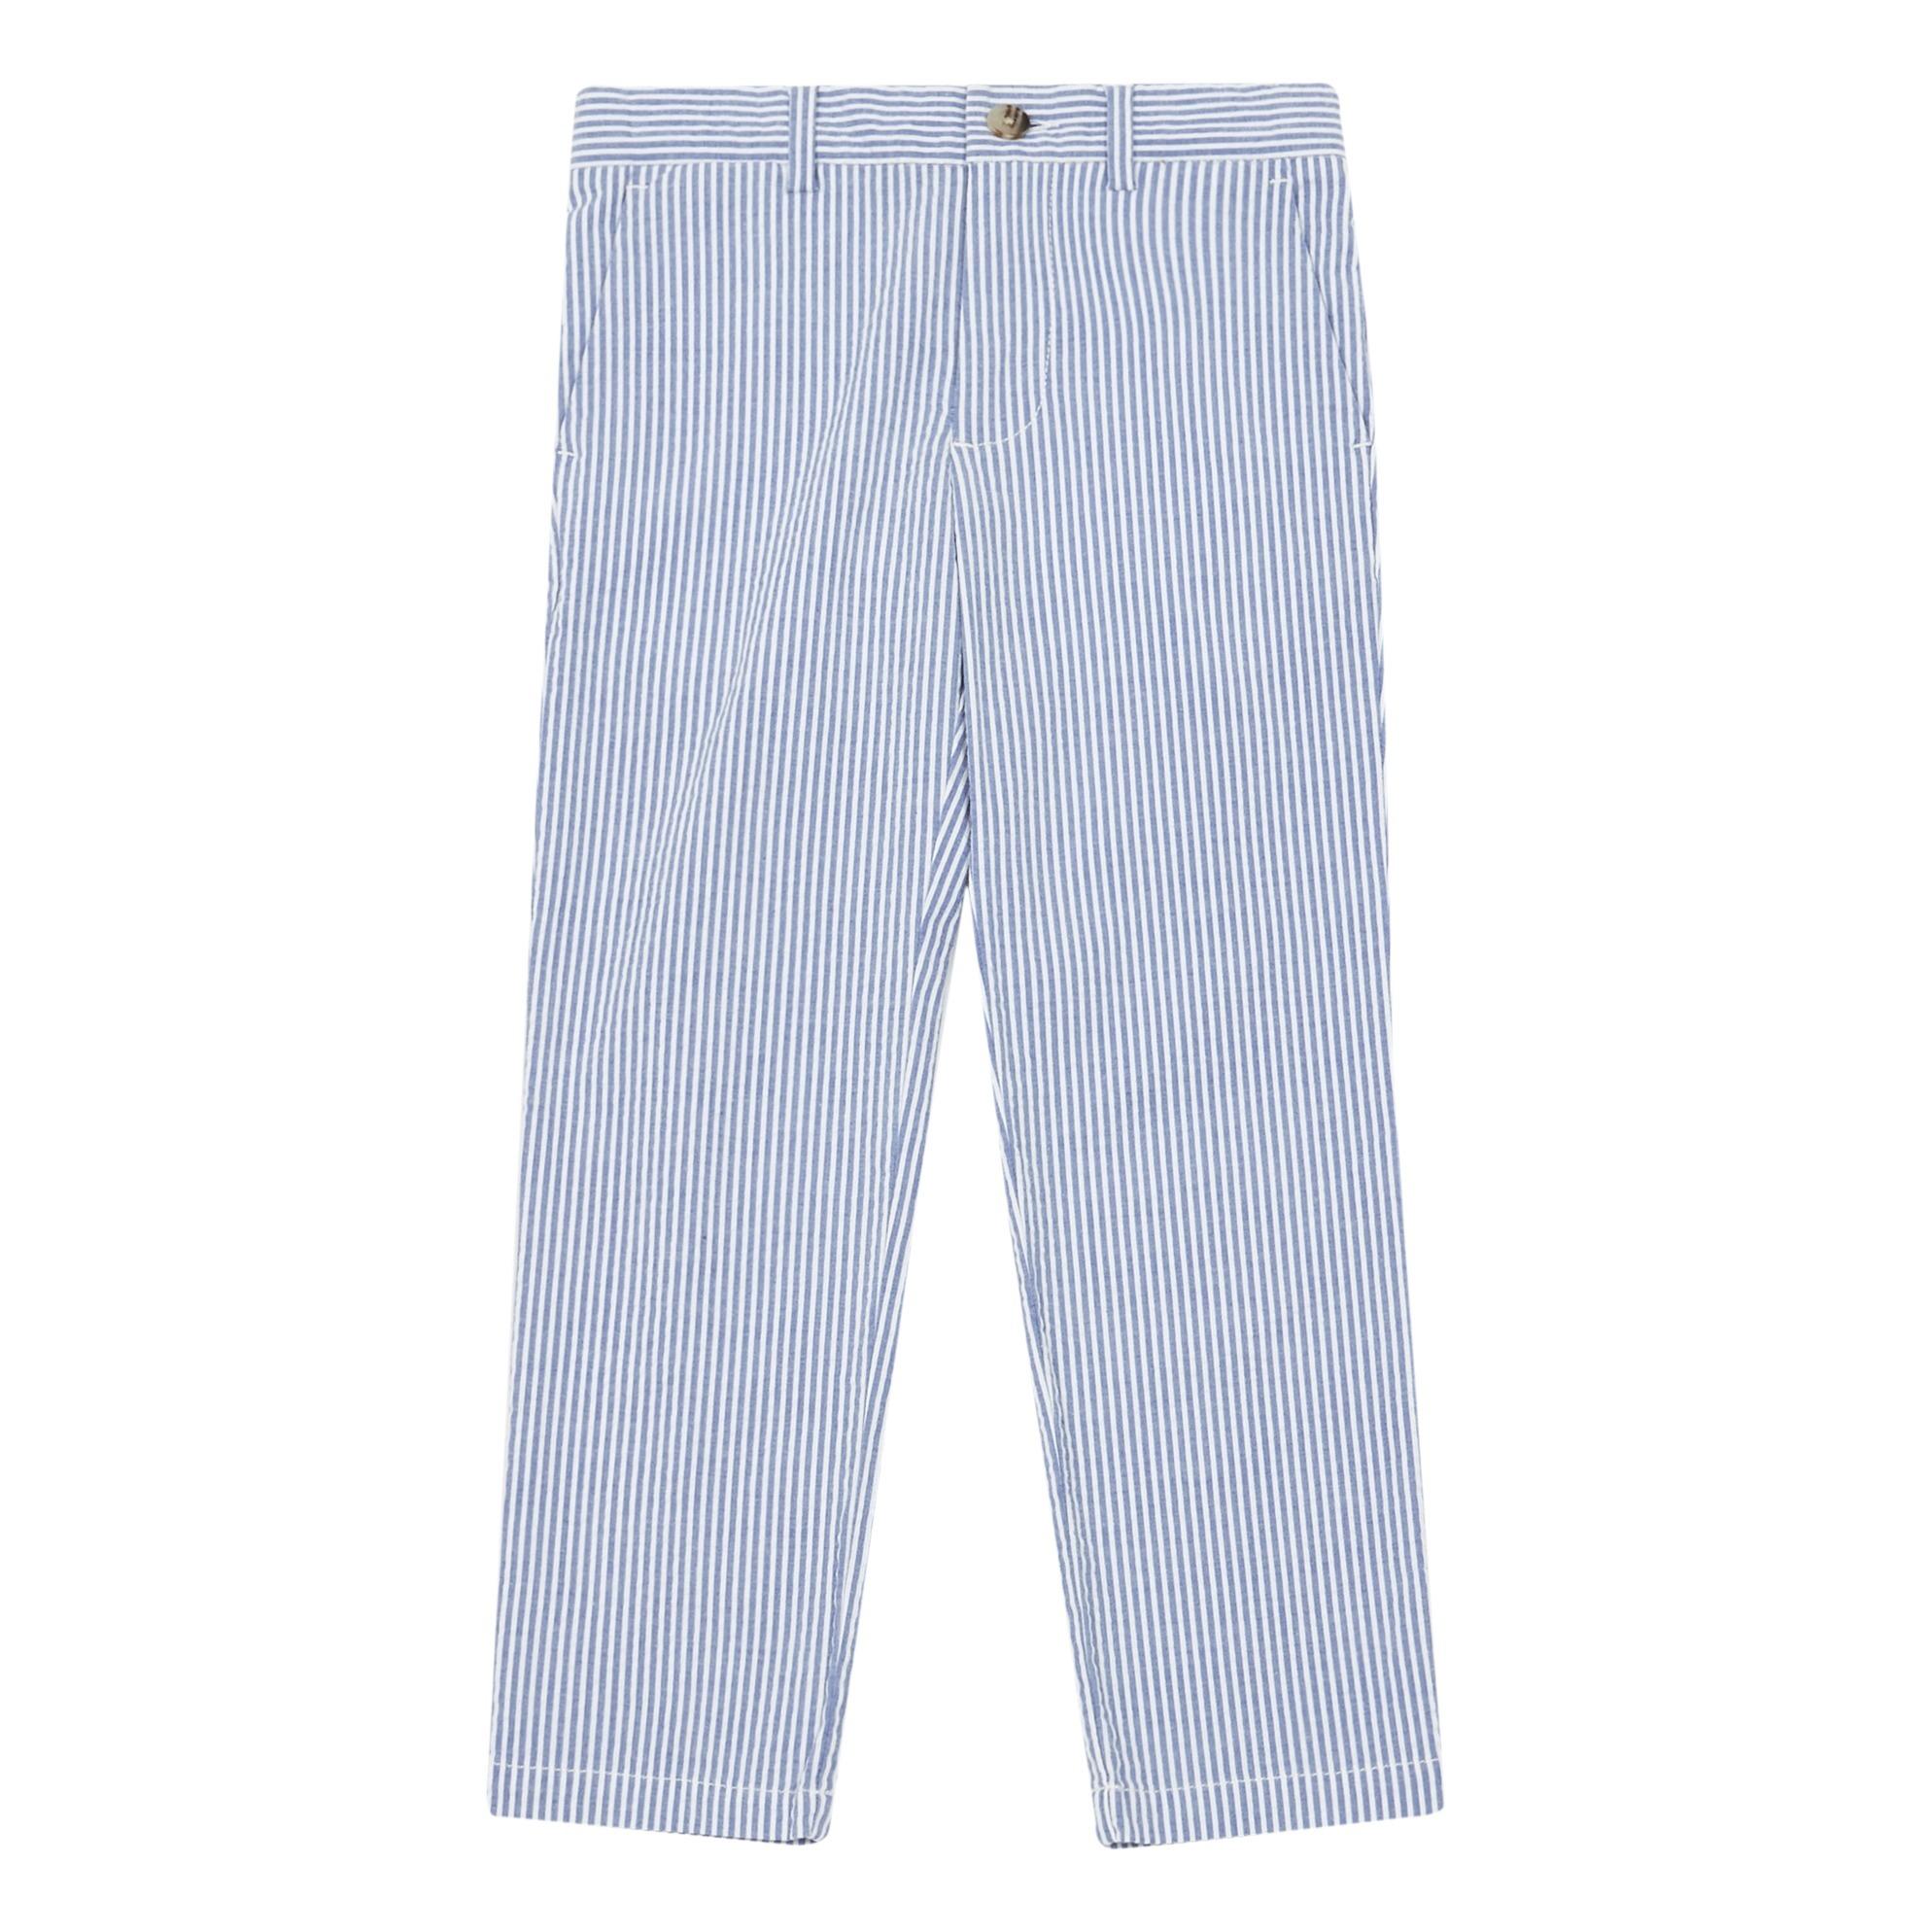 Pantalon Seersucker